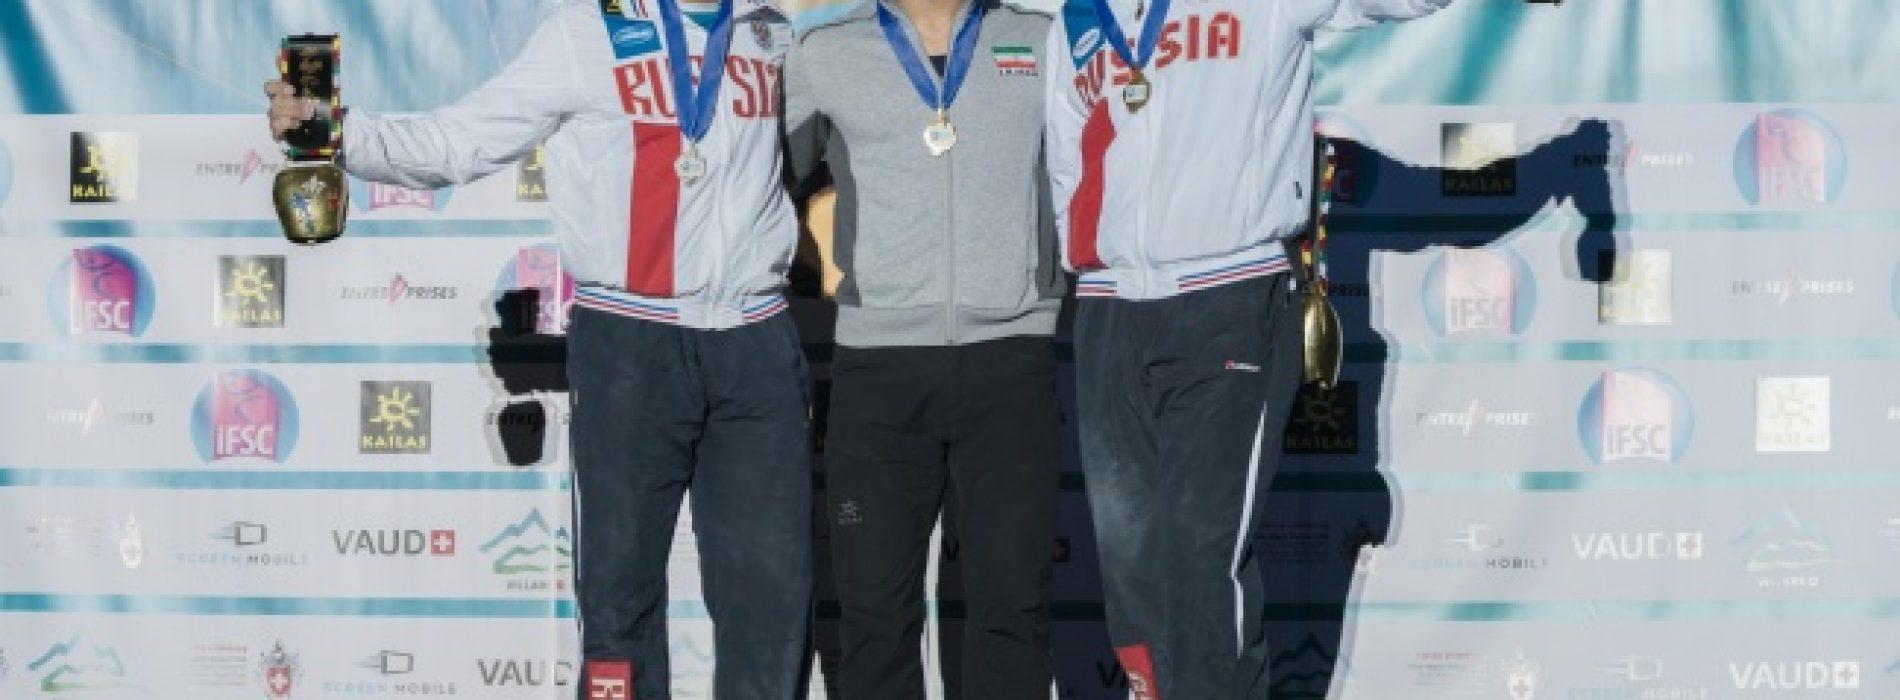 سریعترین مرد عمودی جهان  بازهم شایستگی خود را در جام جهانی سوئیس ثابت کرد.